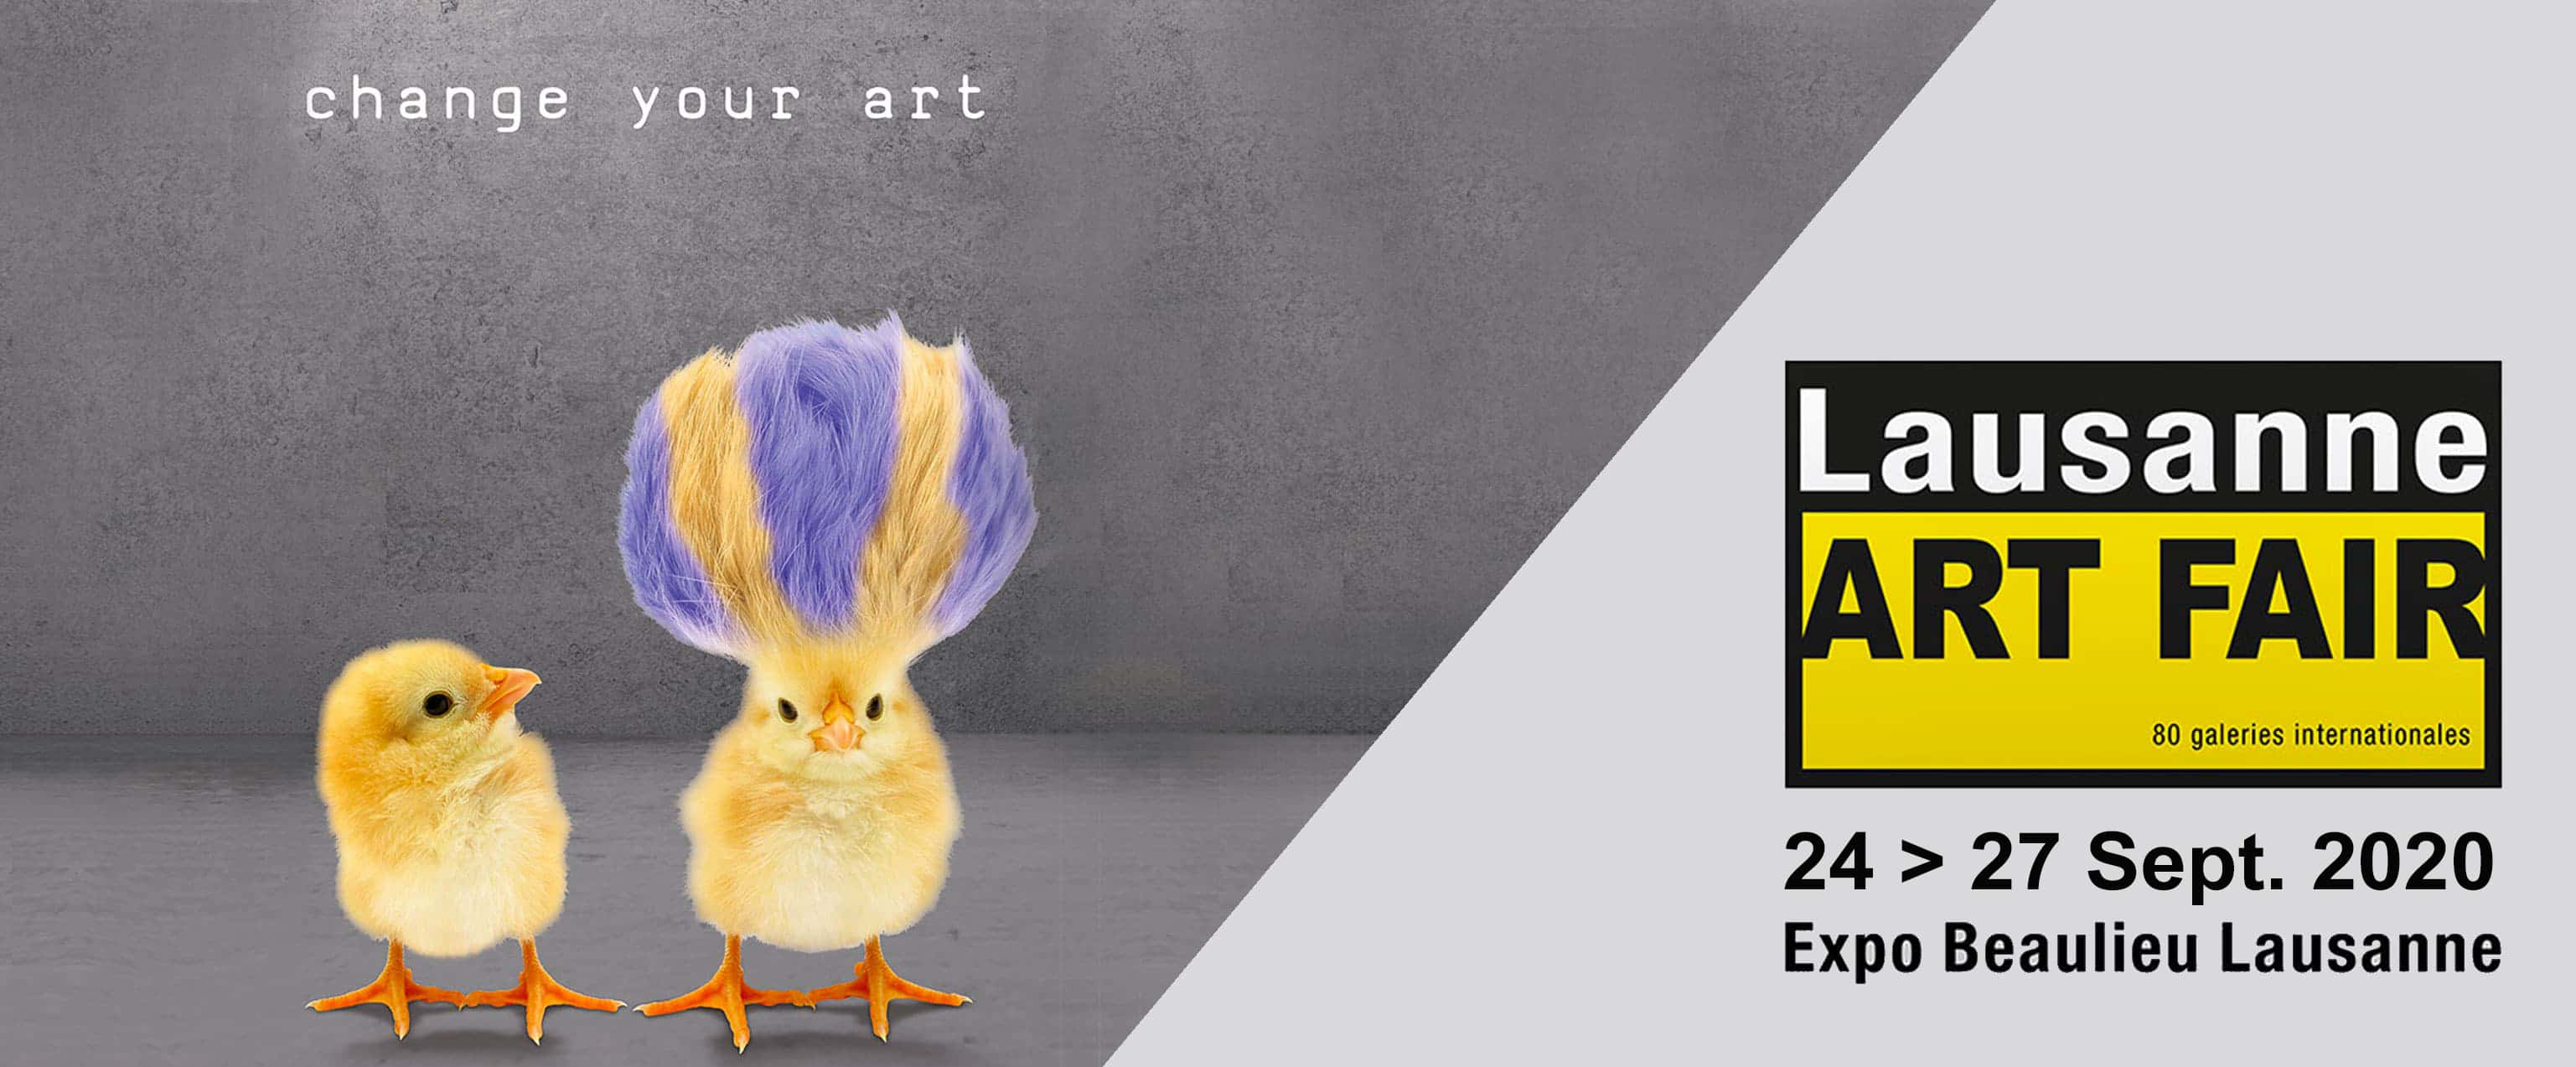 Lausanne-art-fair-2020-galerie-don-carli